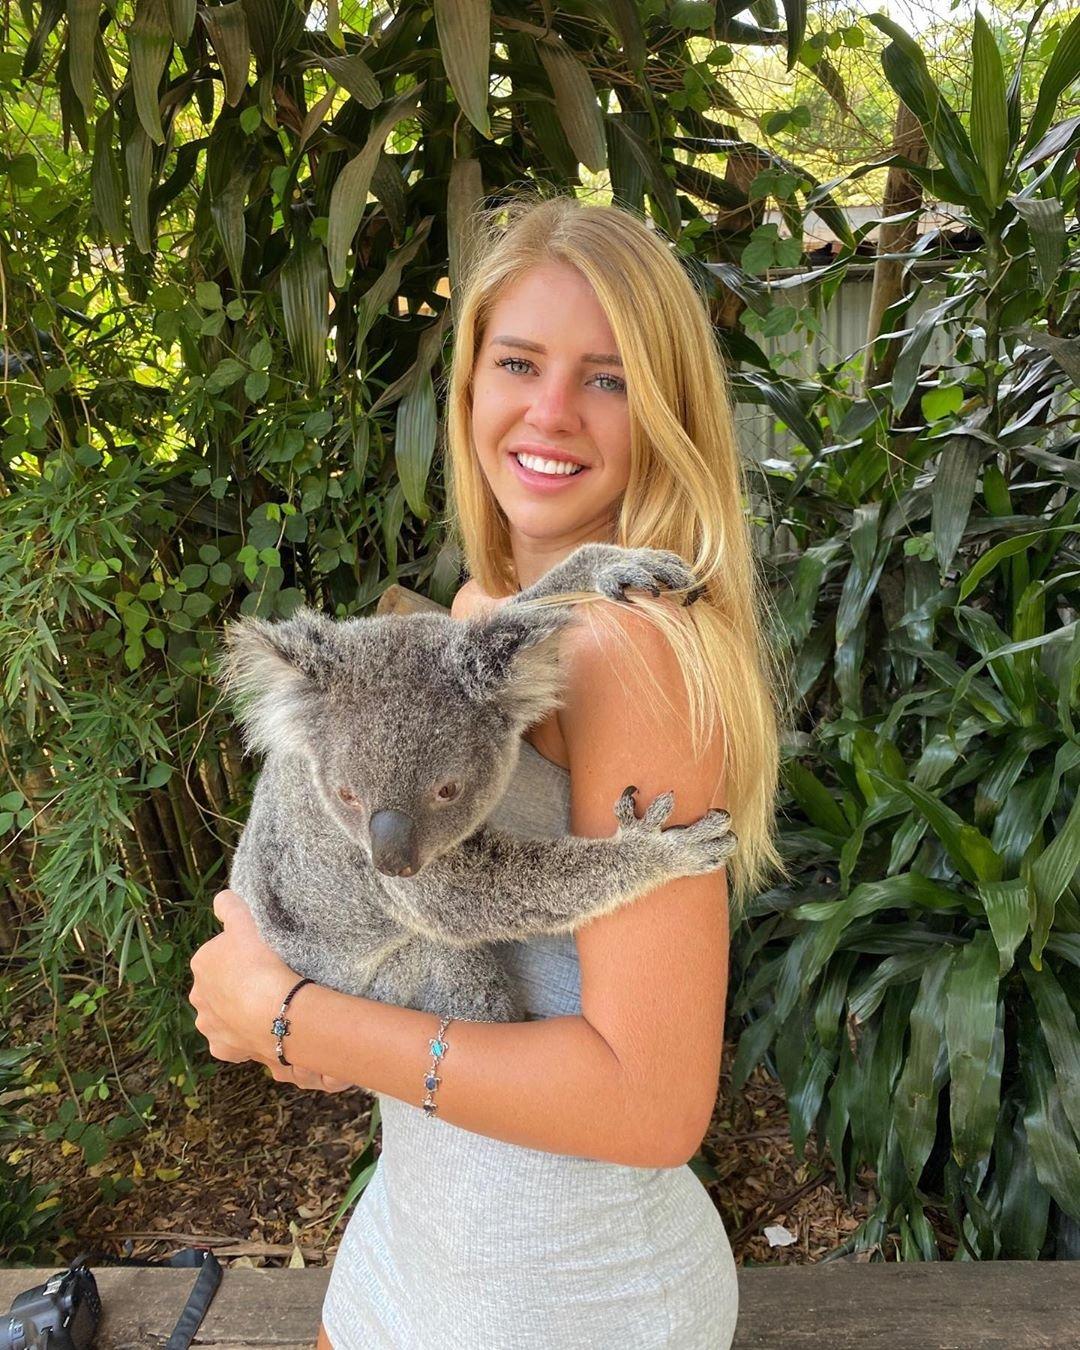 Джейд Гроблер с коалой фото